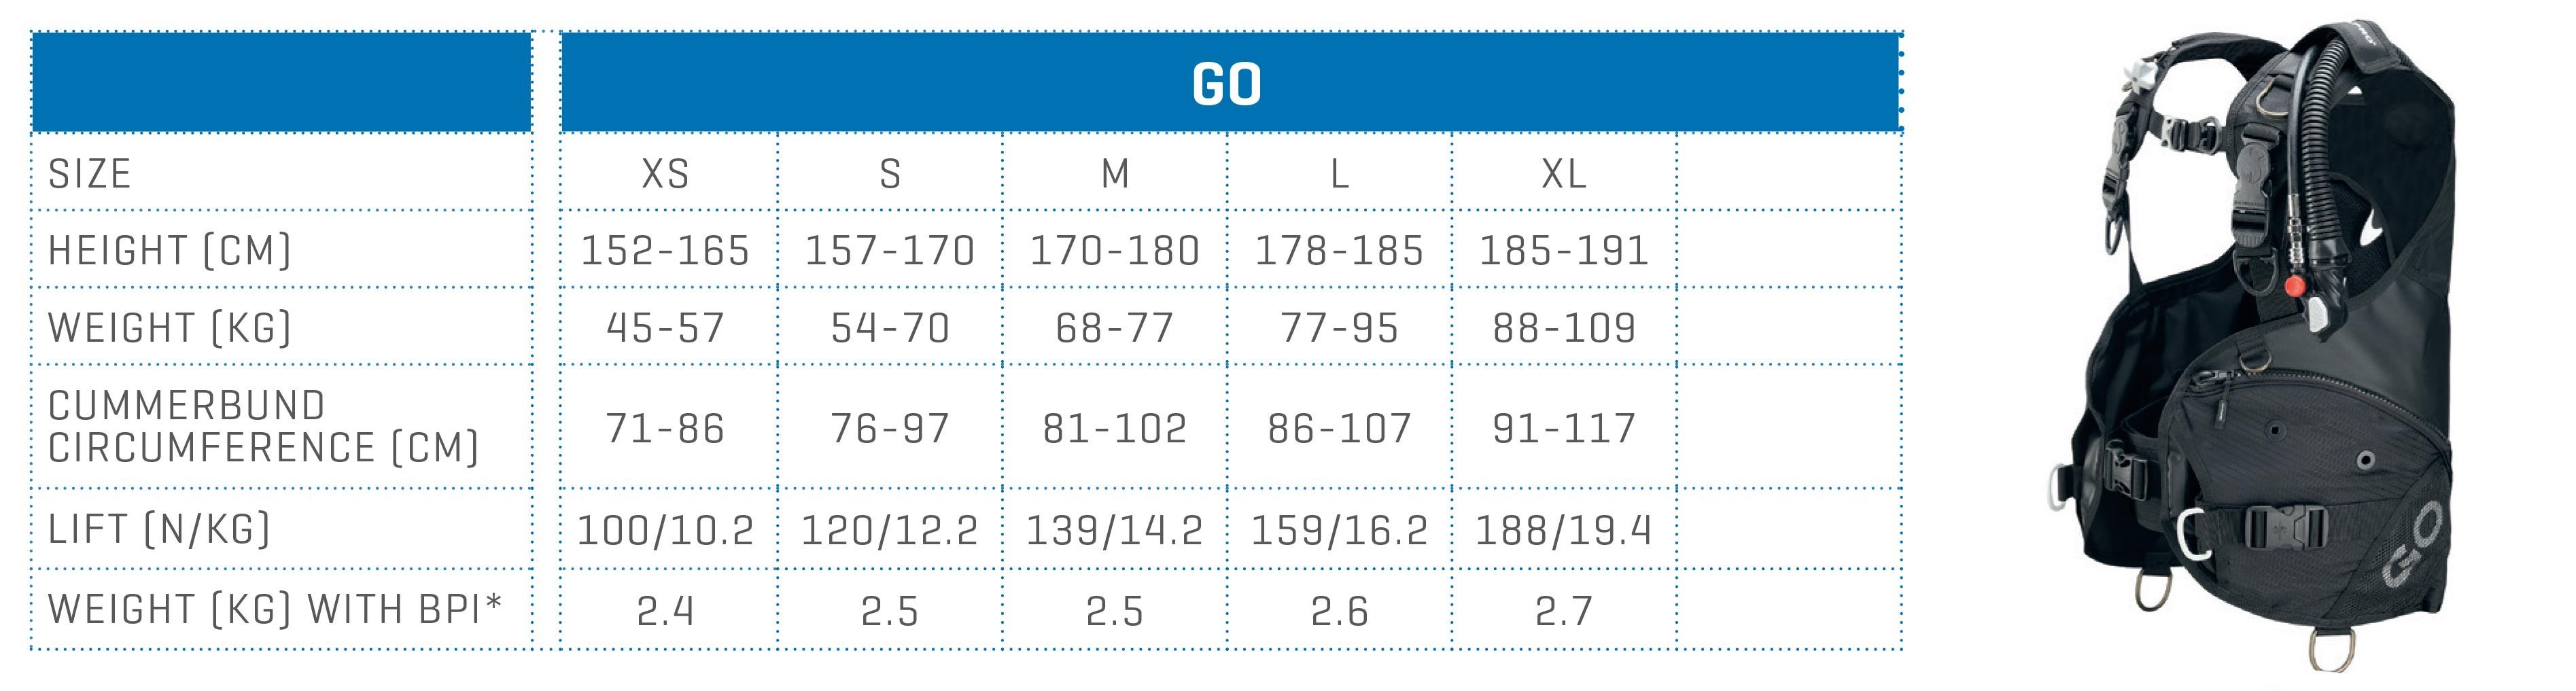 SCUBAPRO size chart BCD GO